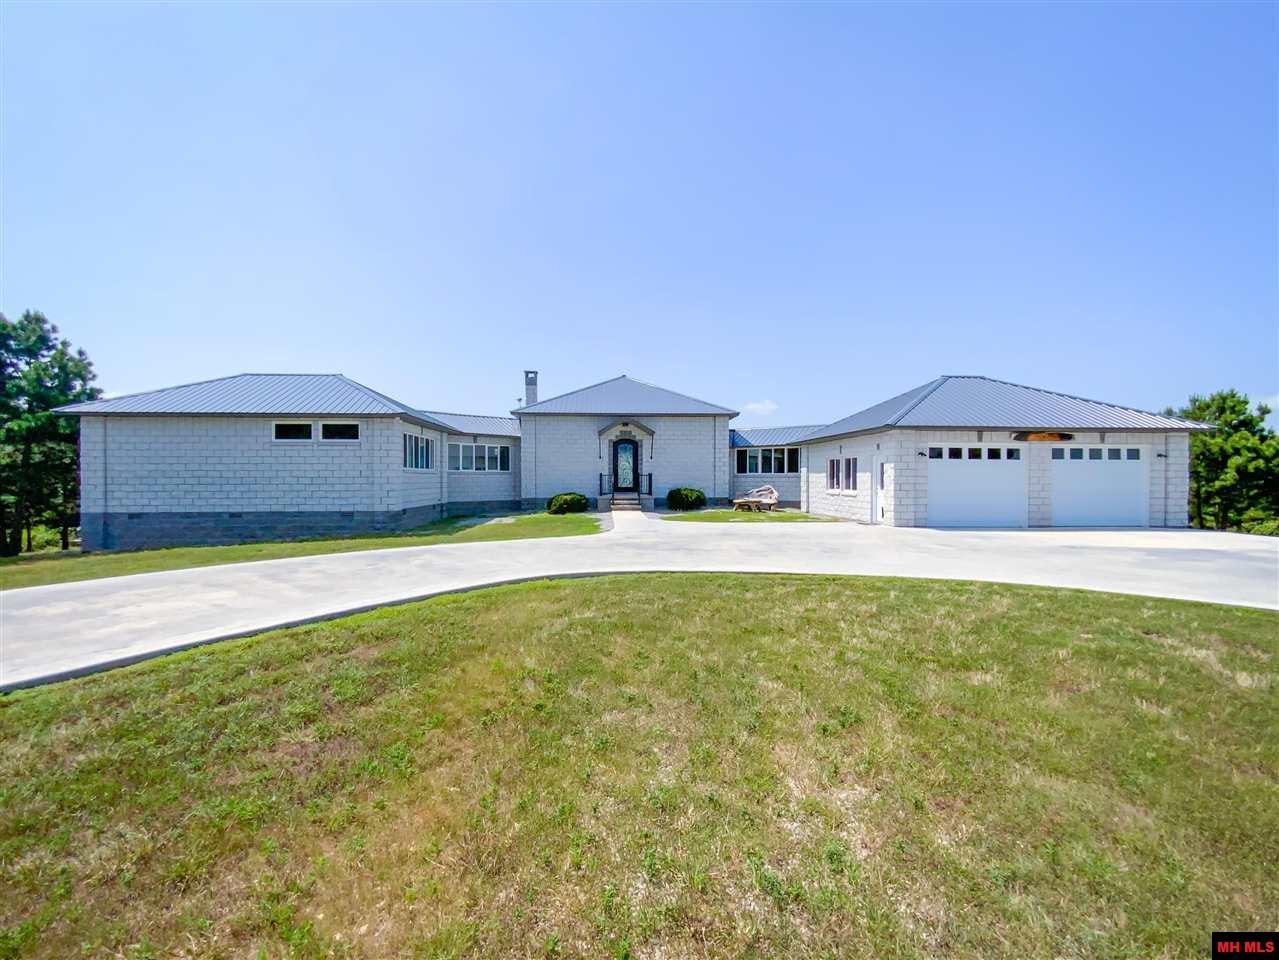 Residential for sale – 629  MILLER RIDGE LANE   Yellville, AR